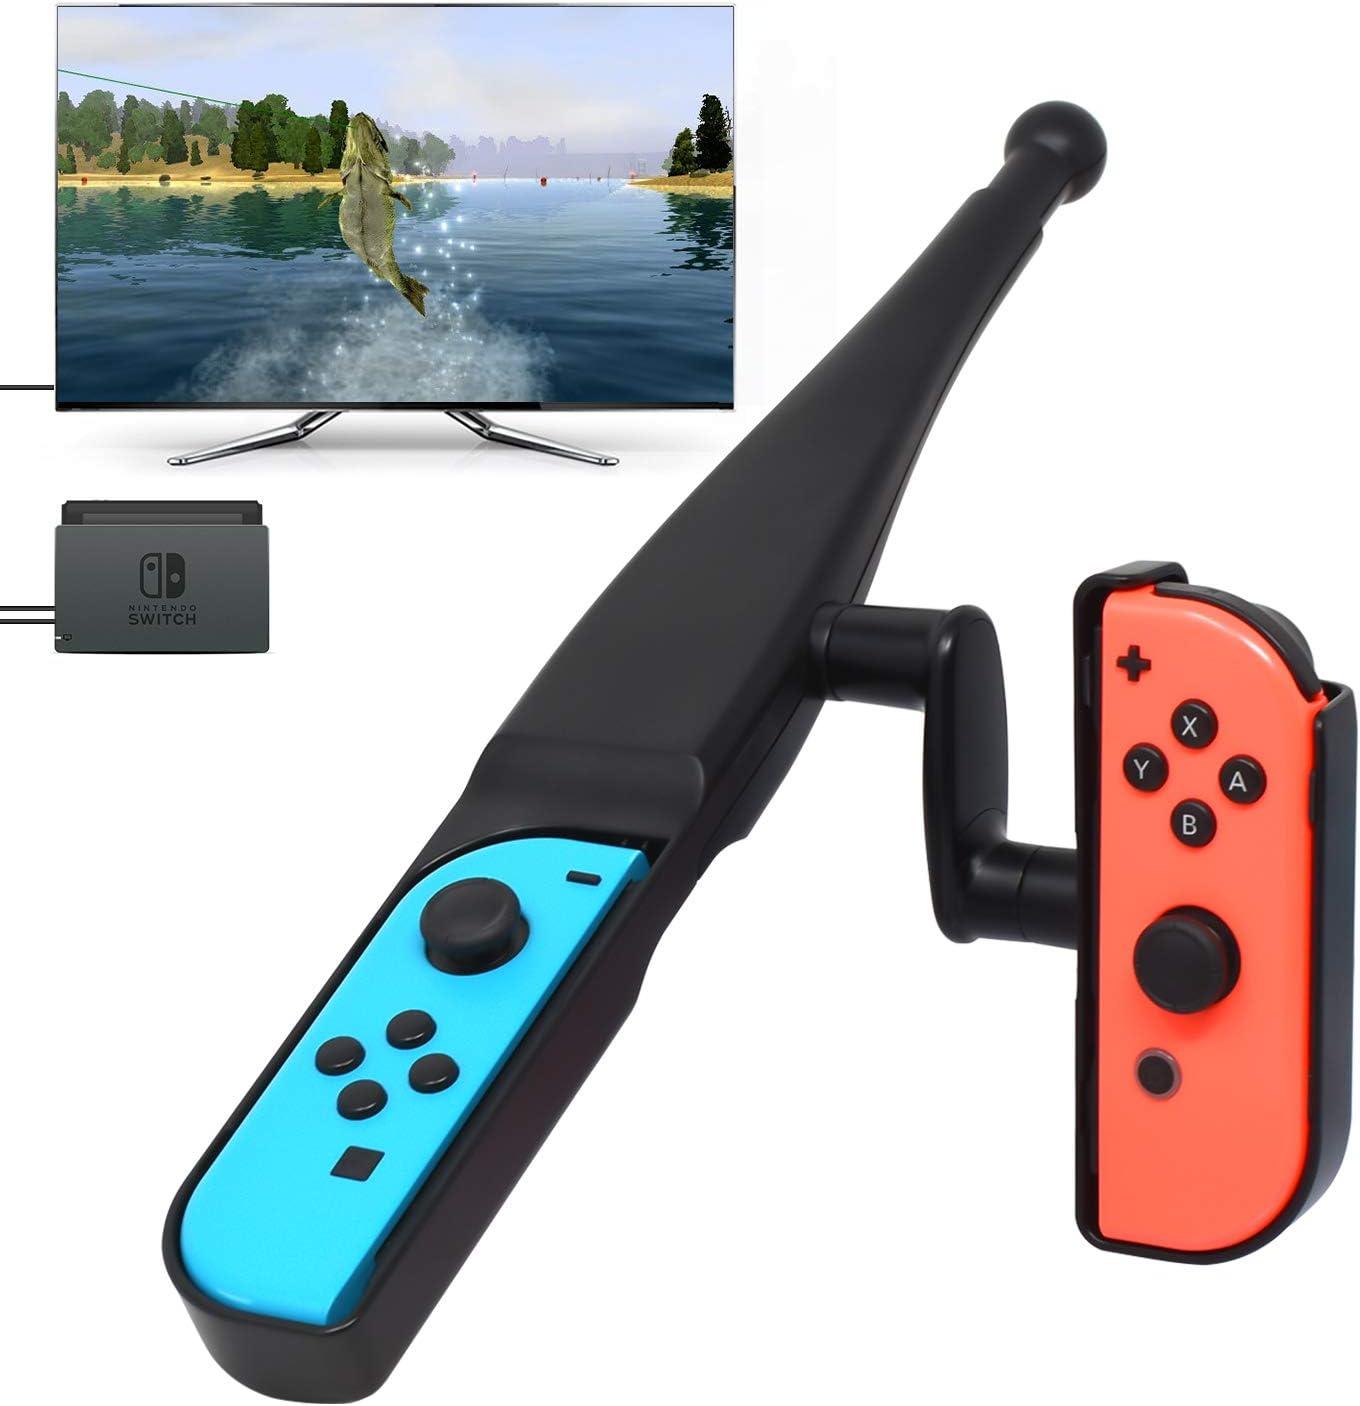 Fyoung caña de pescar para Nintendo Switch Joy-Con New Game, kit ...